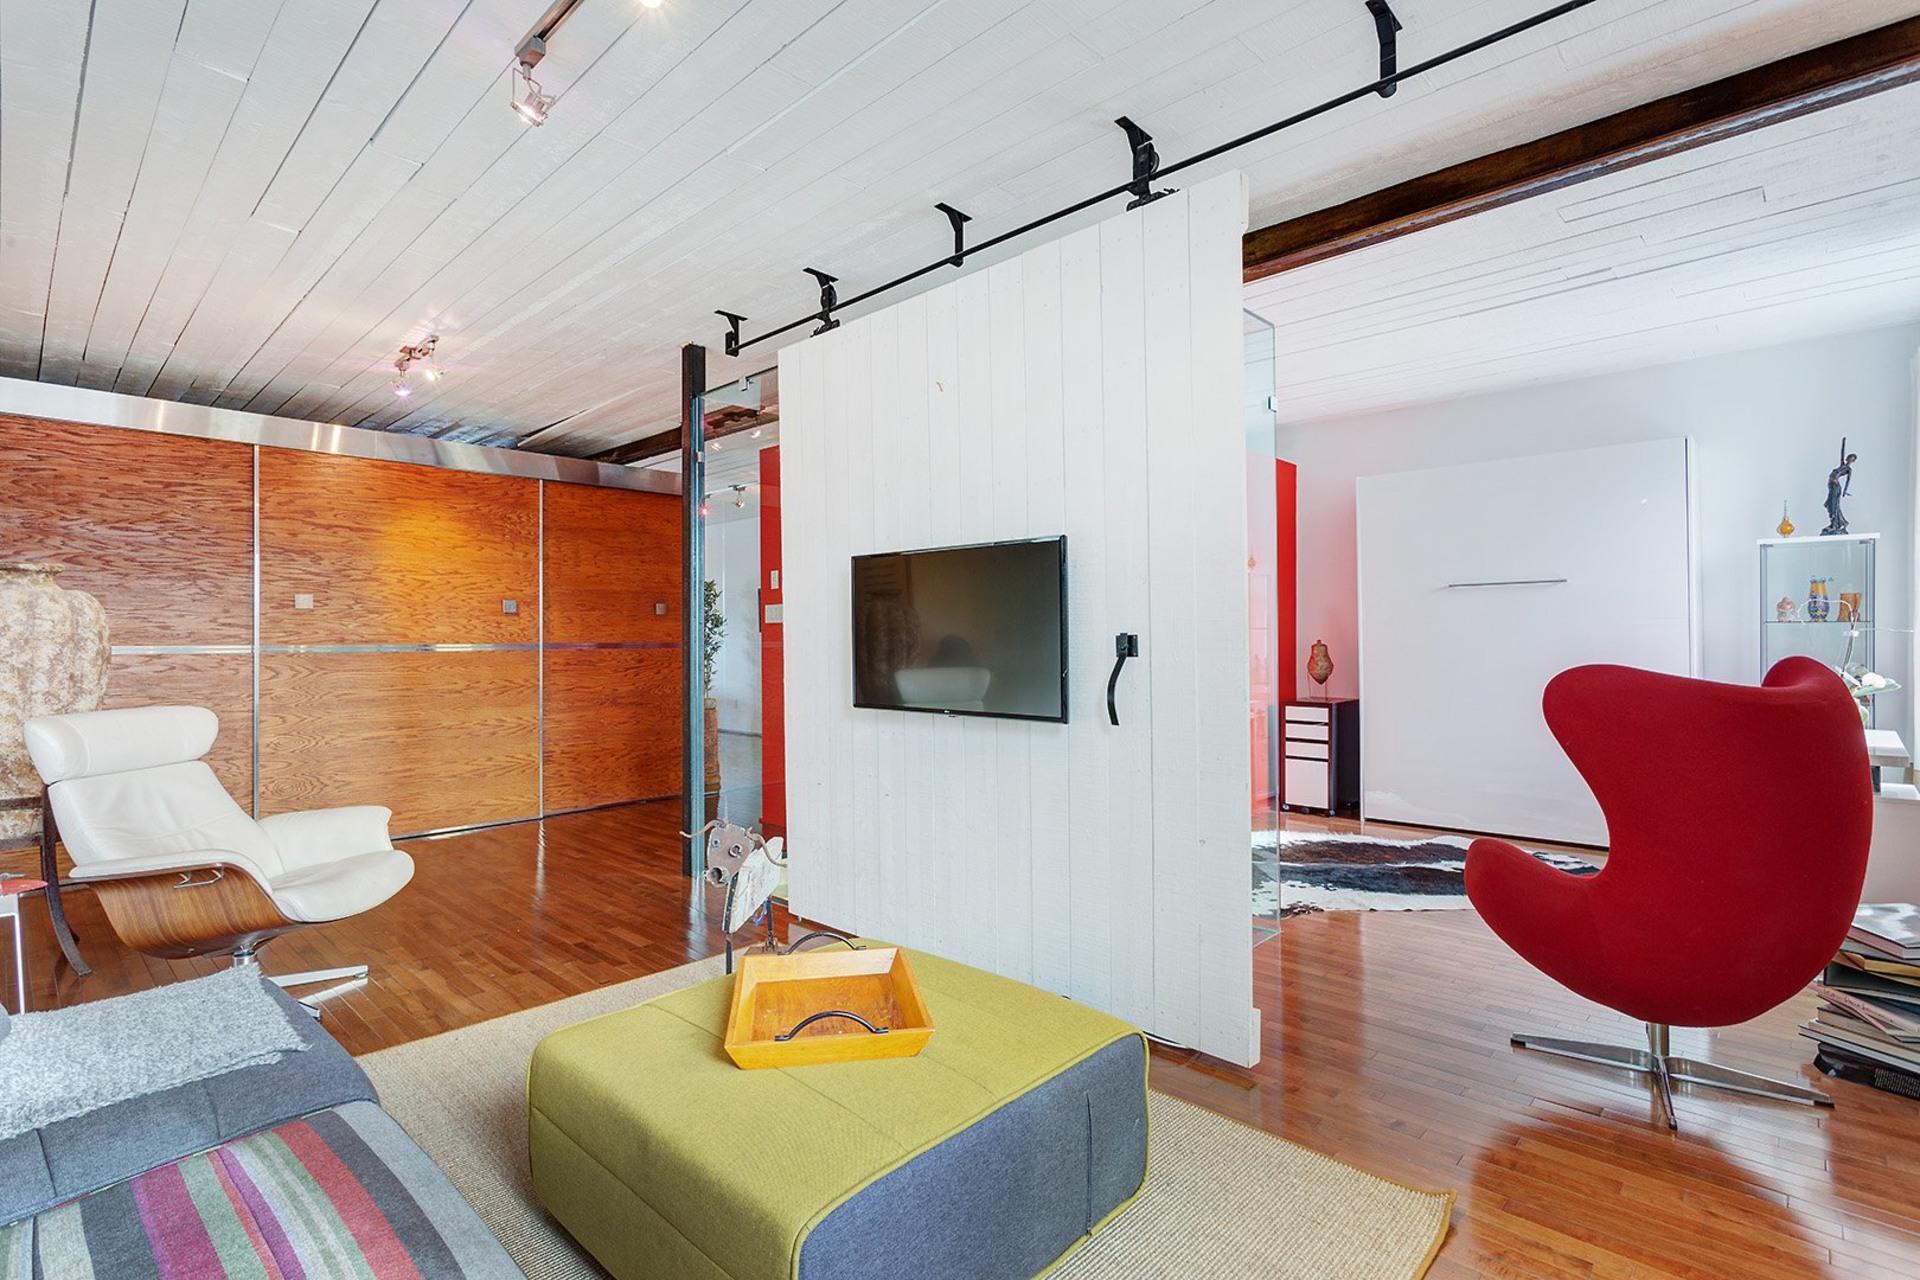 image 19 - Appartement À vendre Rosemont/La Petite-Patrie Montréal  - 13 pièces